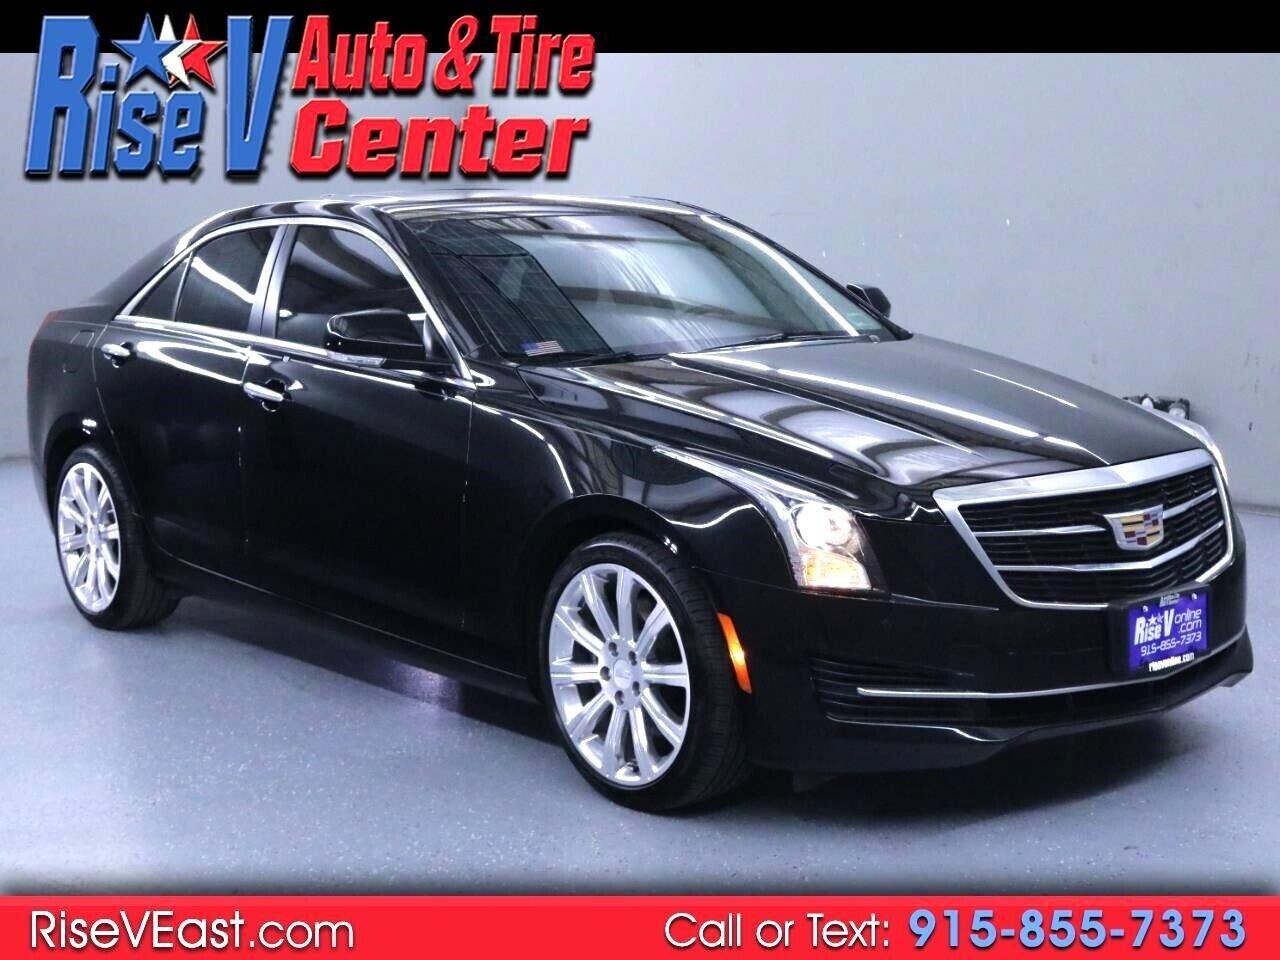 2017 Cadillac ATS 2.0L Luxury RWD 30985 Miles Black Sedan 2.0L L4 DOHC 16V TURBO